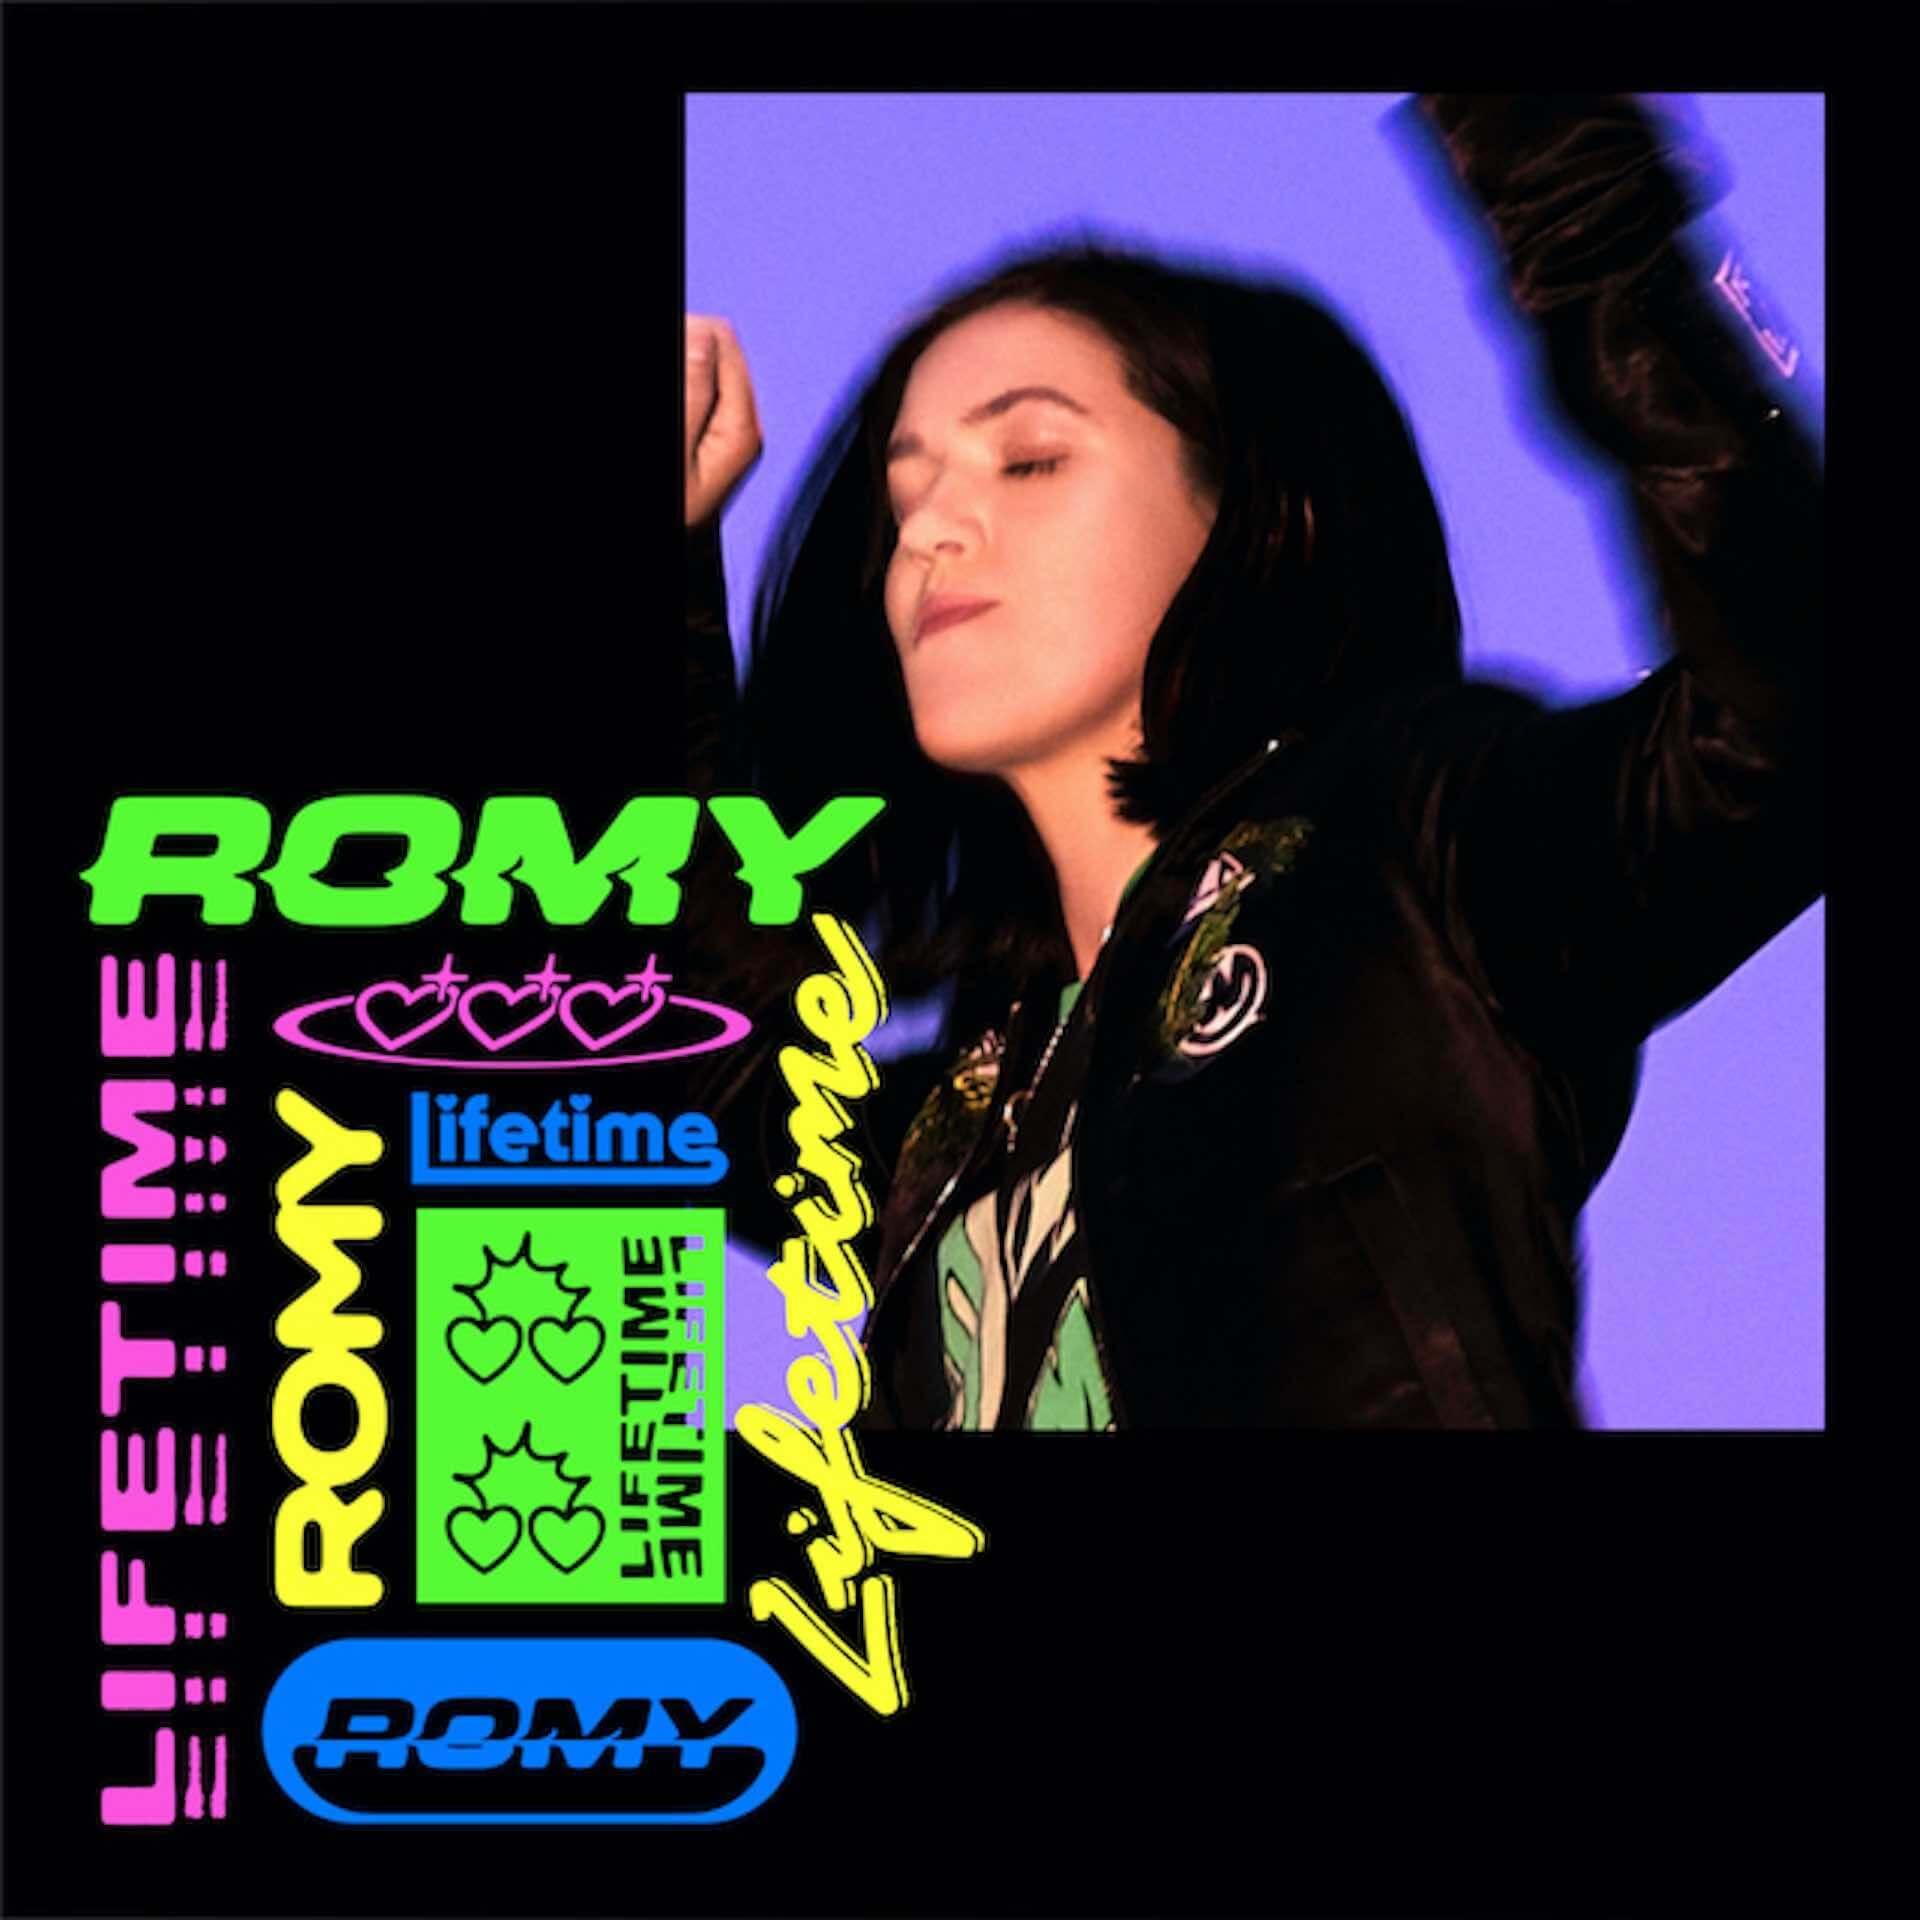 The xxのロミーとX-girlによるコラボアイテム第2弾が発表。本人出演のInstagramライブも実施